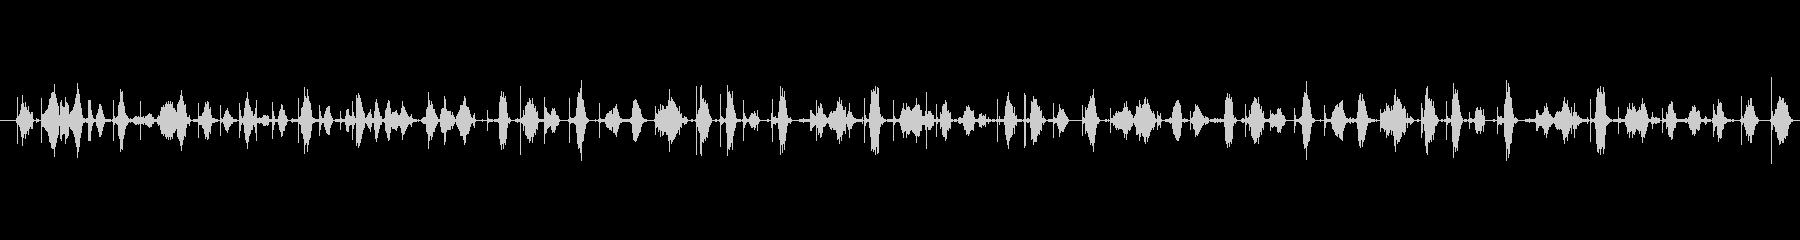 【シャープペン01-03(書く)】の未再生の波形